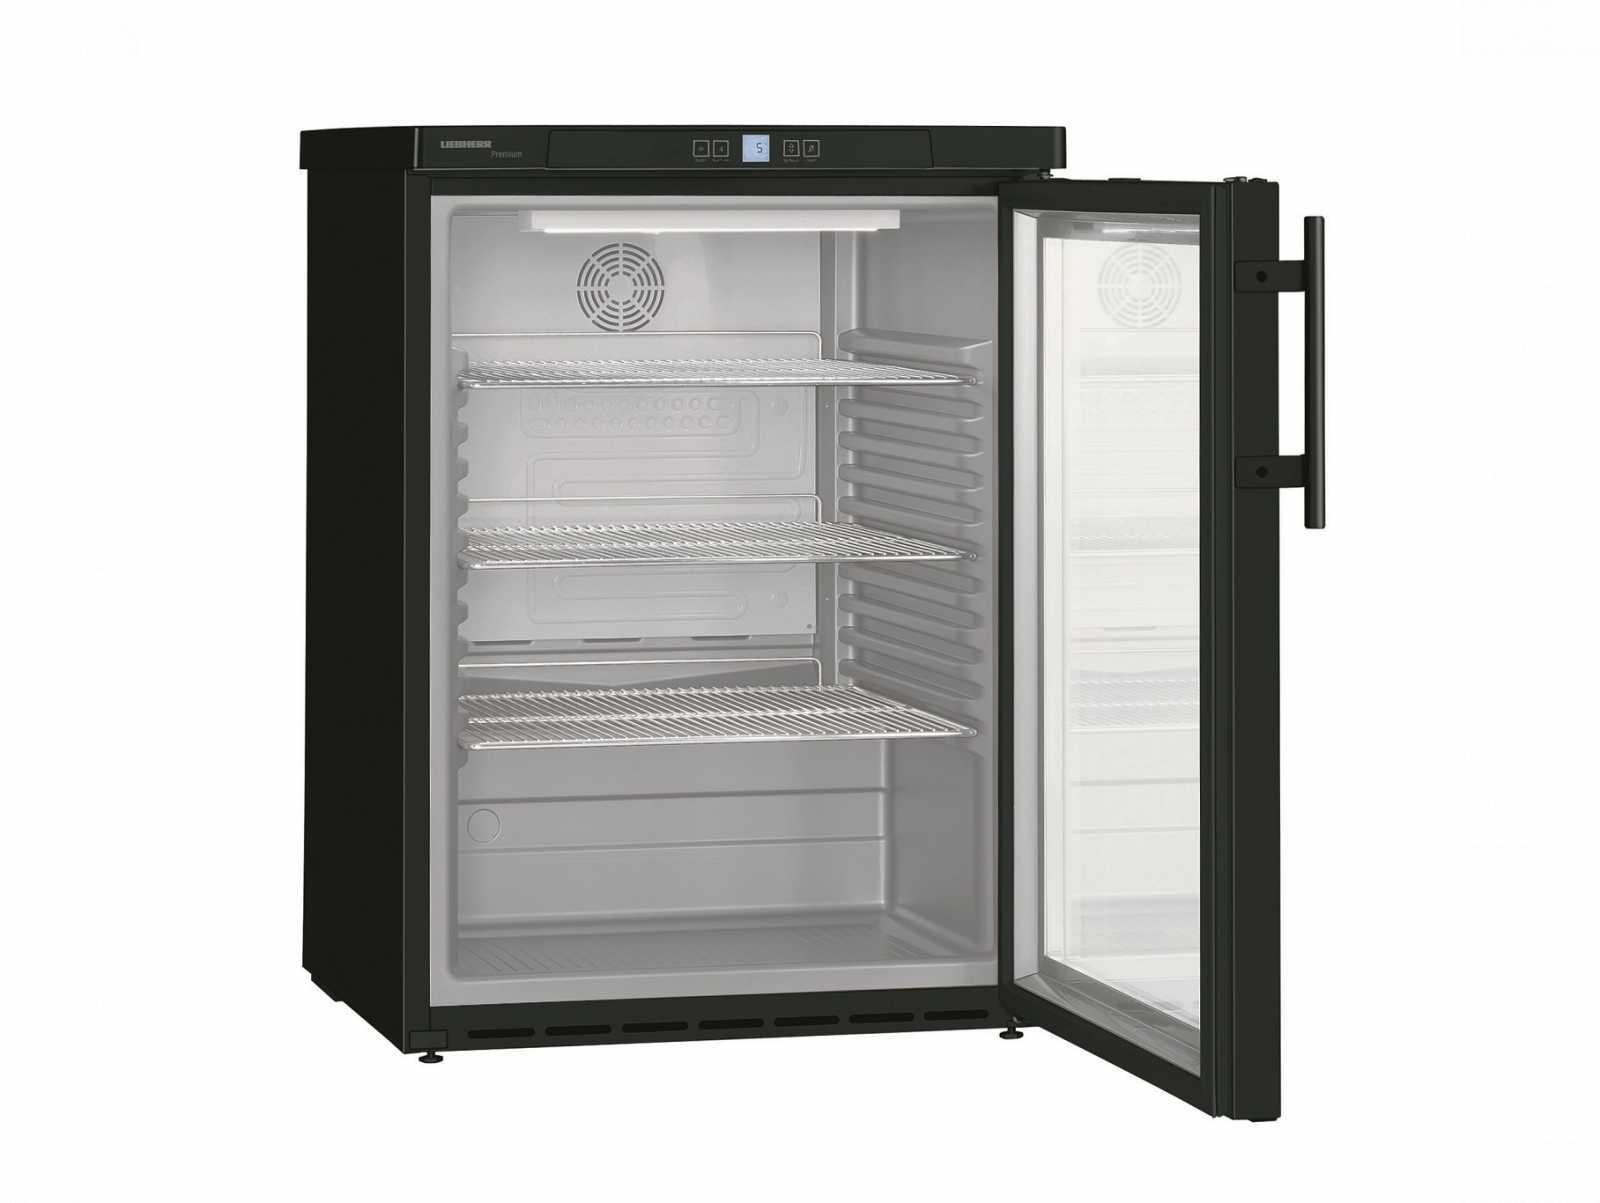 Малогабаритный холодильник Liebherr FKUv 1613 744 купить украина